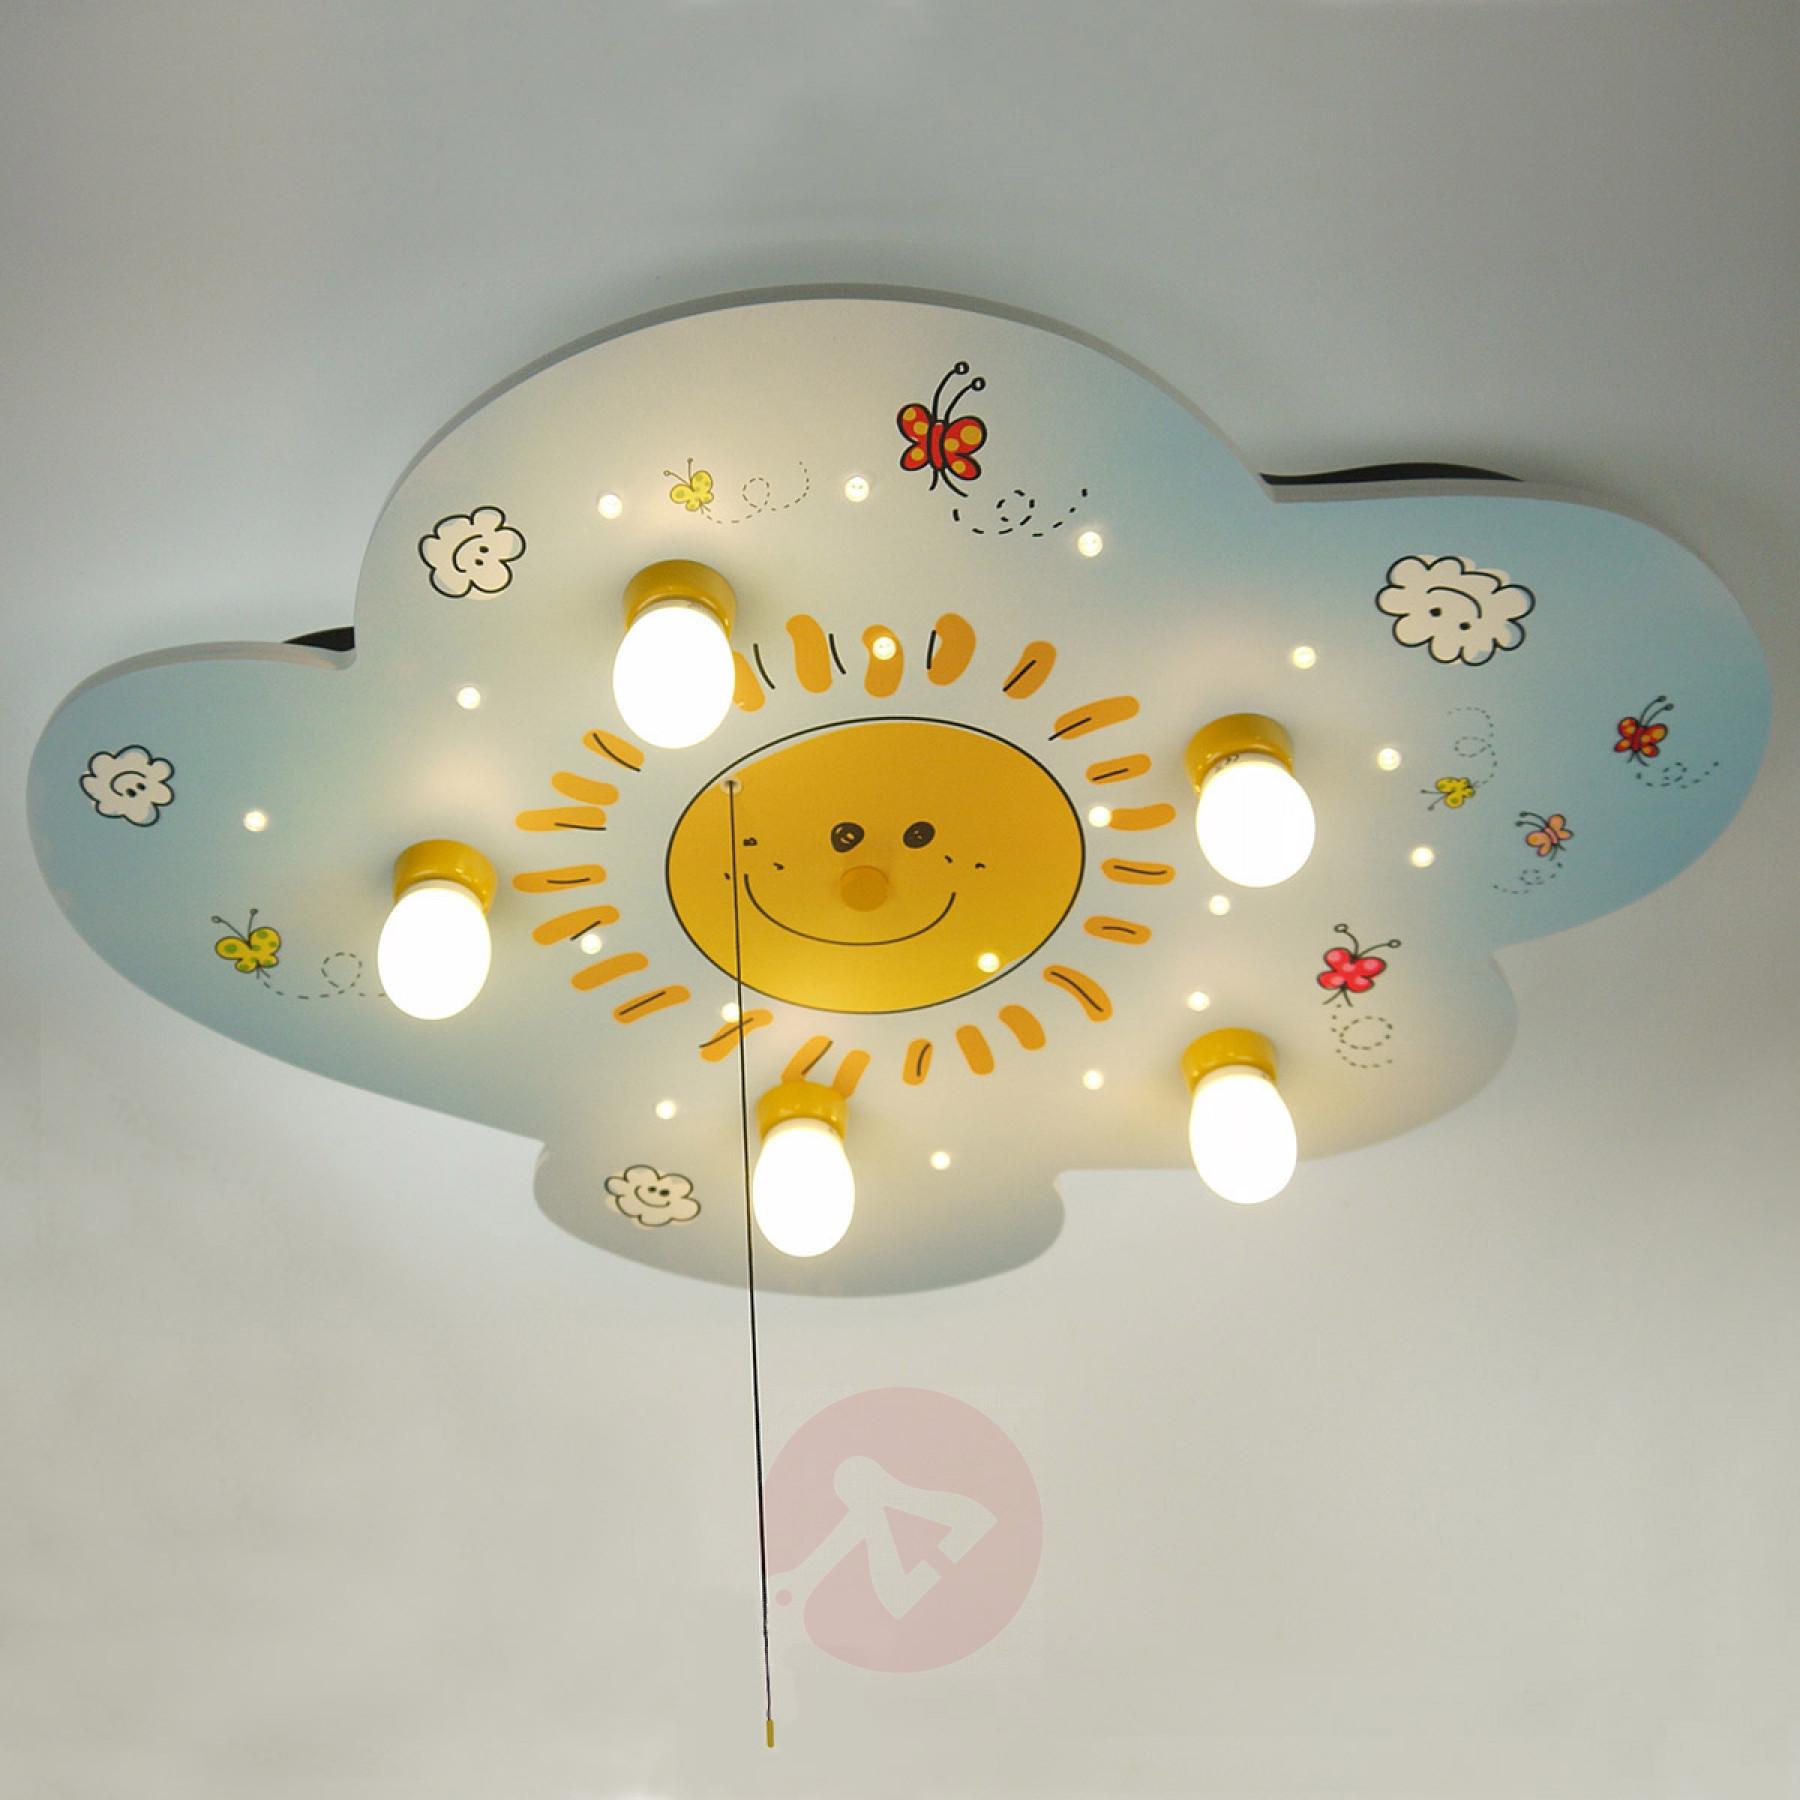 Full Size of Kinderzimmer Deckenleuchte Sunny Mit Leds Kaufen Lampenweltde Sofa Regal Weiß Deckenlampen Für Wohnzimmer Modern Regale Kinderzimmer Deckenlampen Kinderzimmer